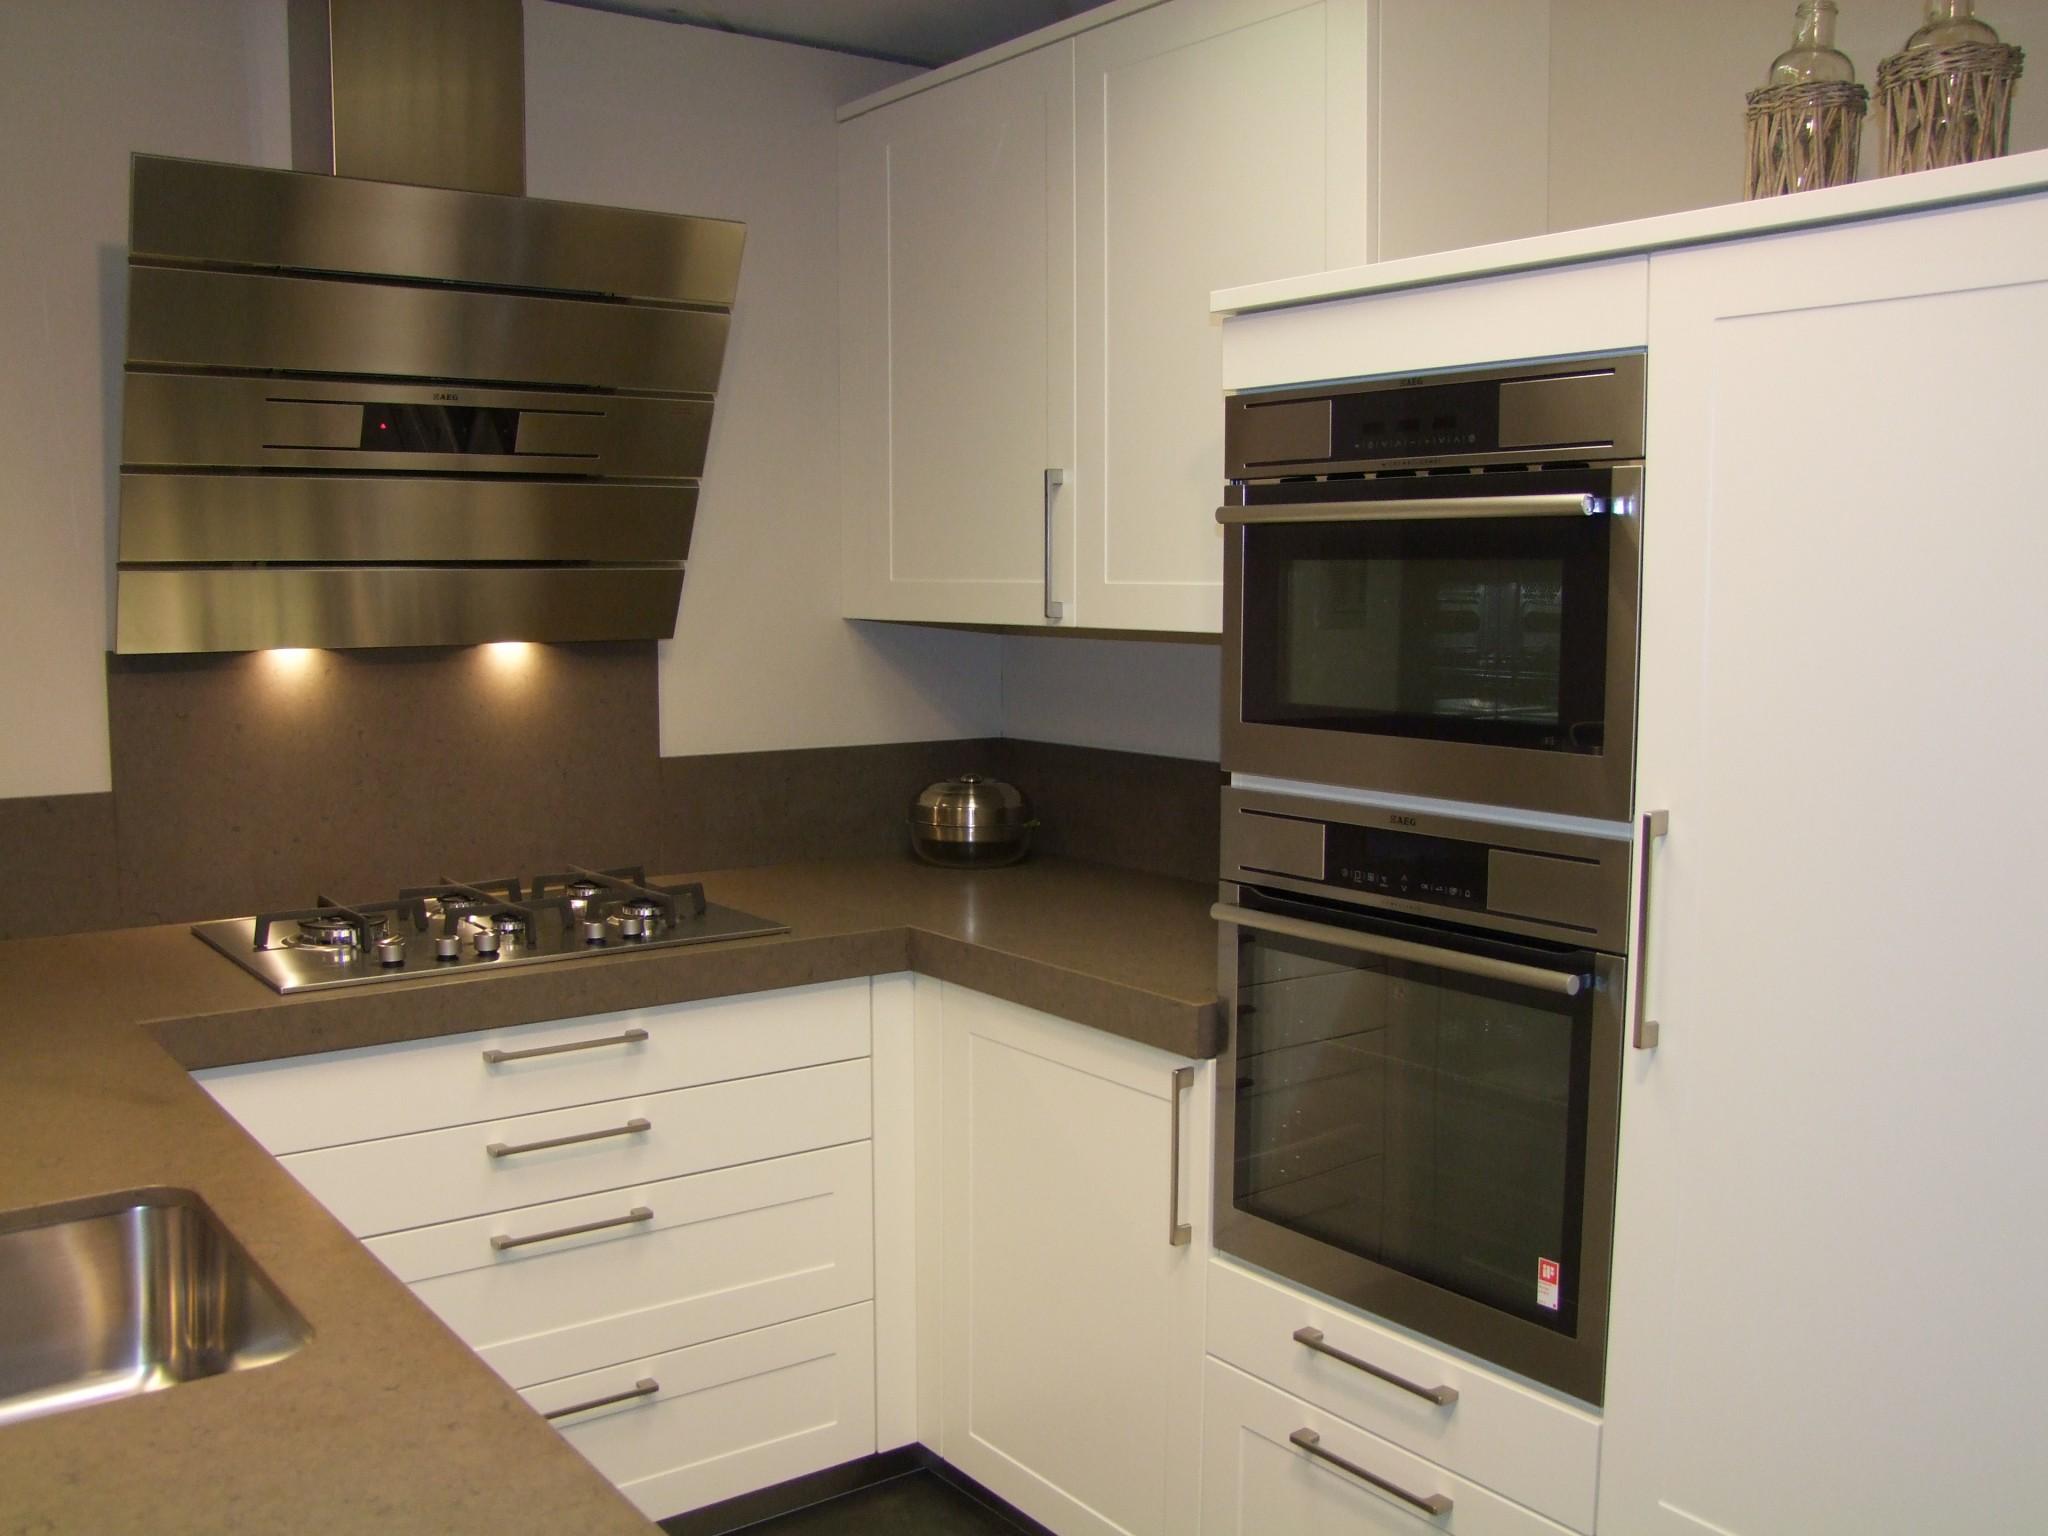 Landelijke Keukens Showroom : Modern landelijke keuken vancel kremer keukens showroom opruiming